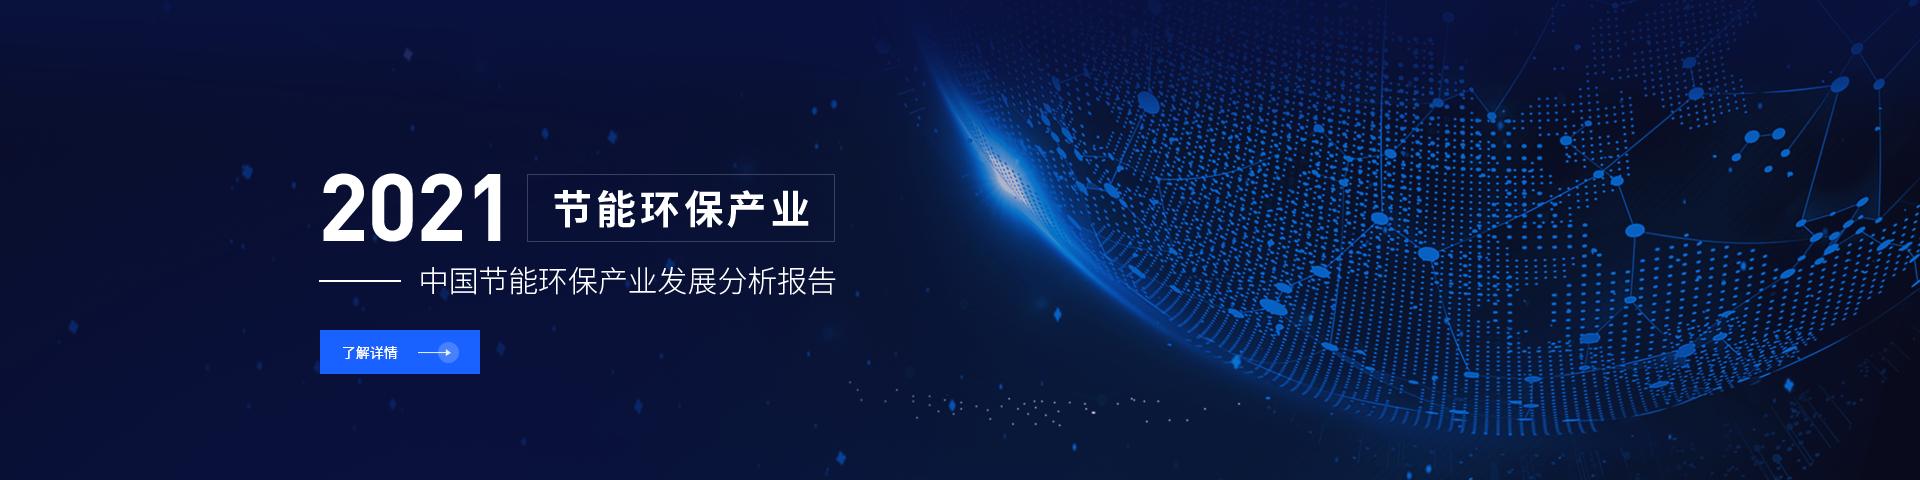 中国节能环保产业发展分析报告